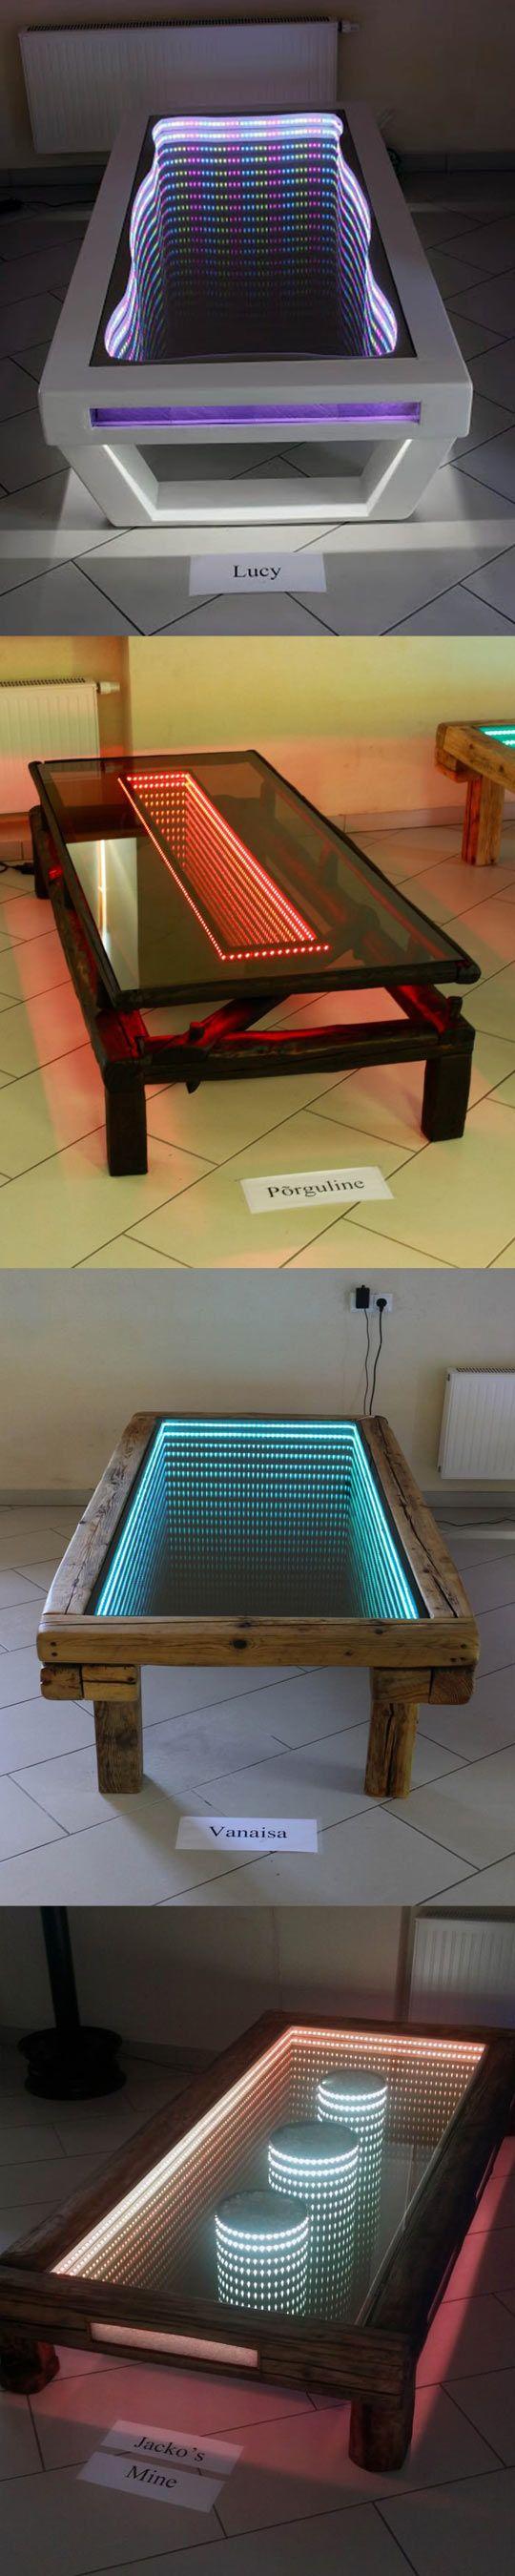 Mesas con iluminación interior                                                                                                                                                                                 Más